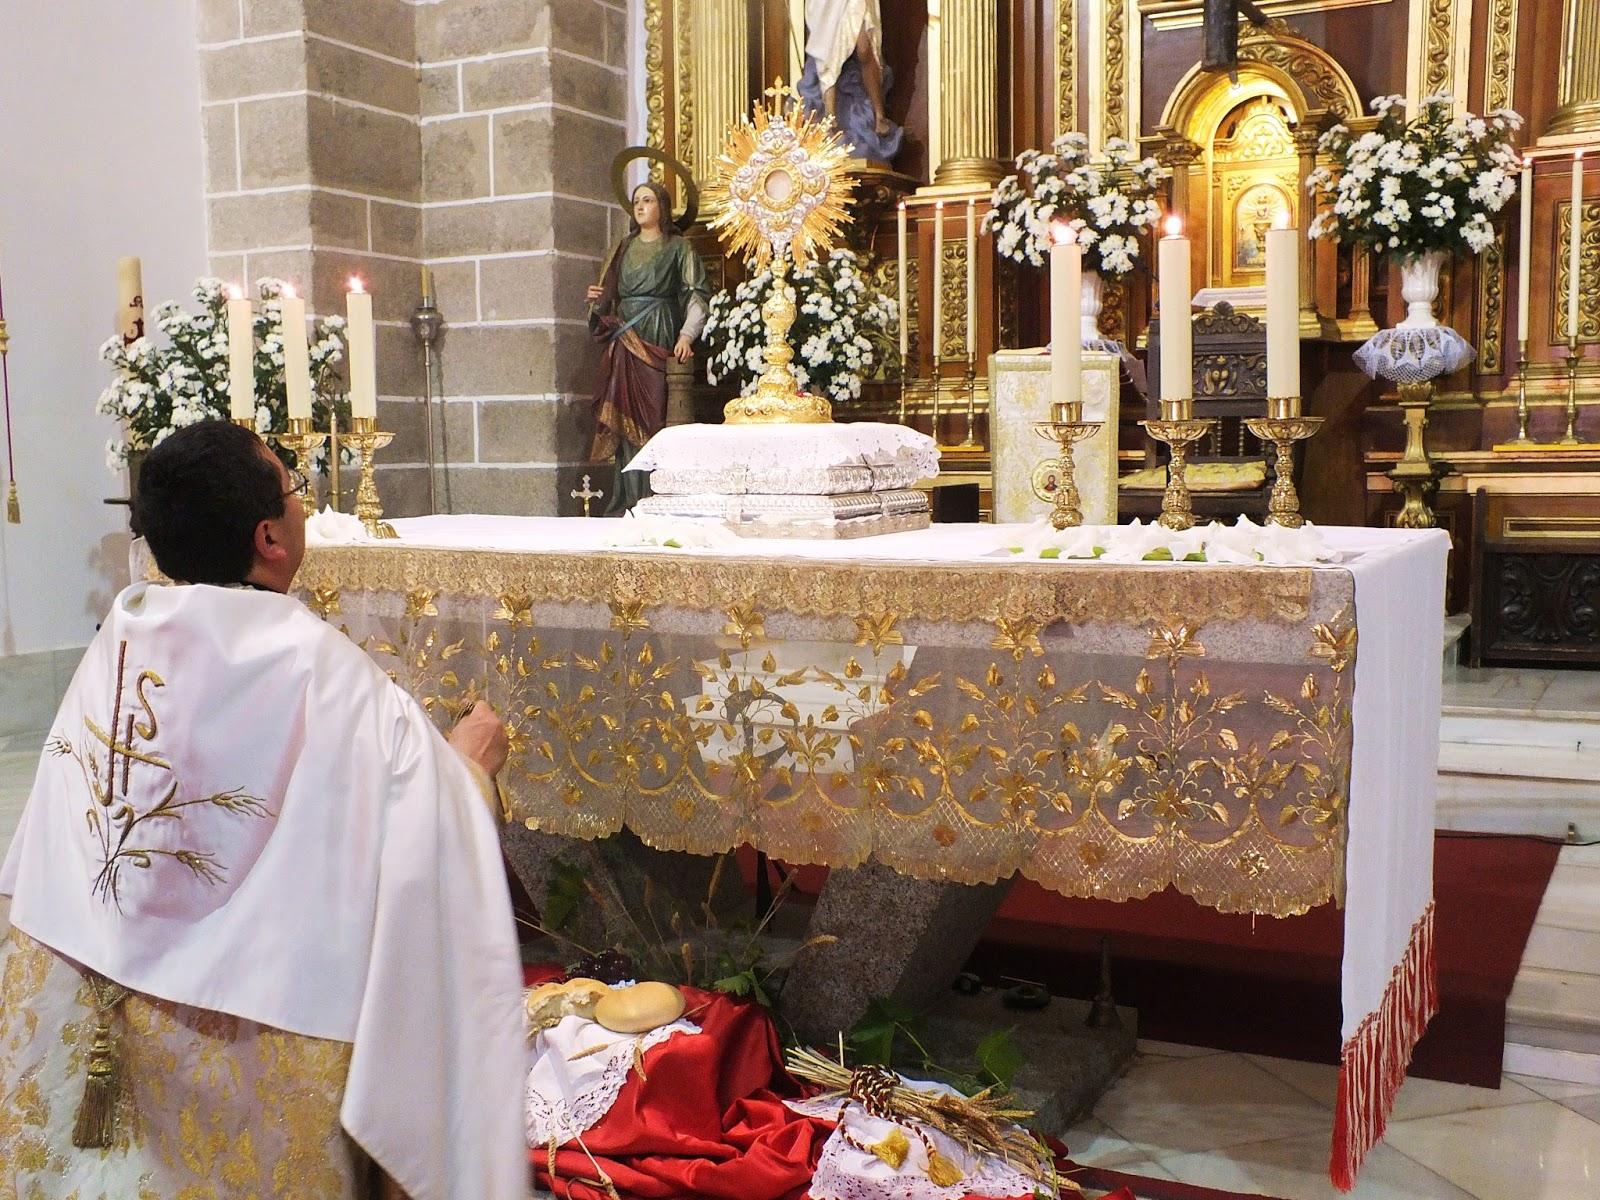 Rito Del Matrimonio Catolico Fuera De La Misa : Asociación litúrgica magnificat notas para una correcta